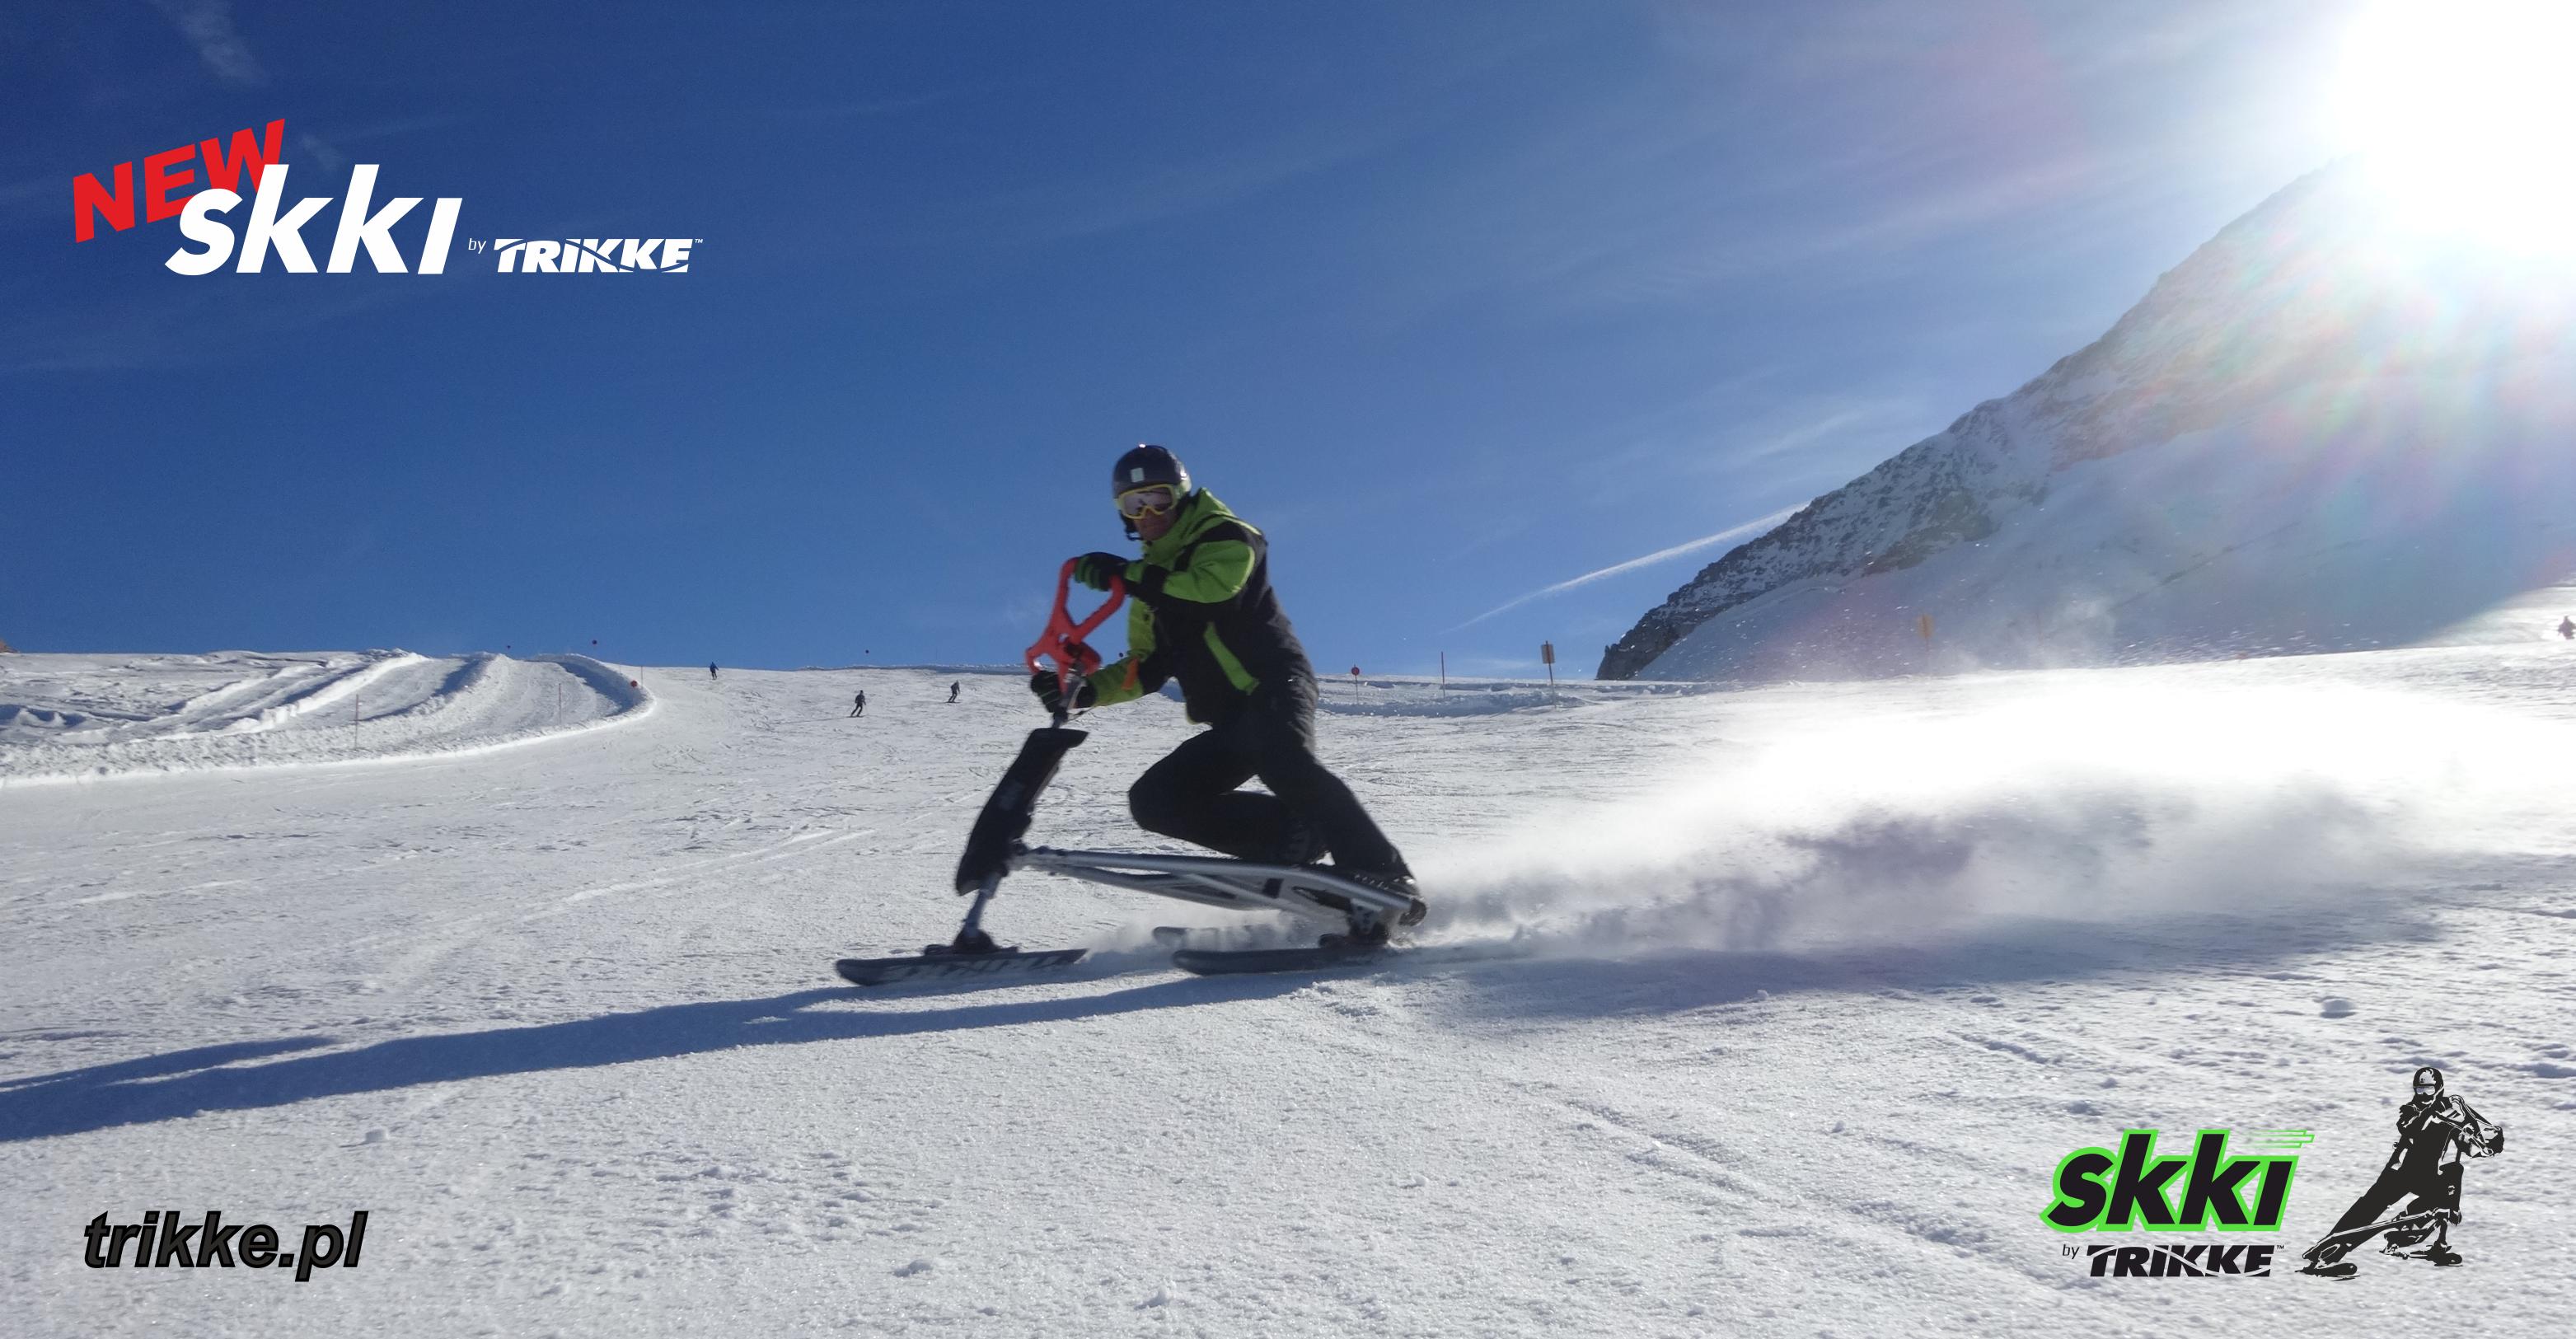 Otwarcie sezonu na lodowcu Hintertux ze Skki Trikke. Zaproszenie